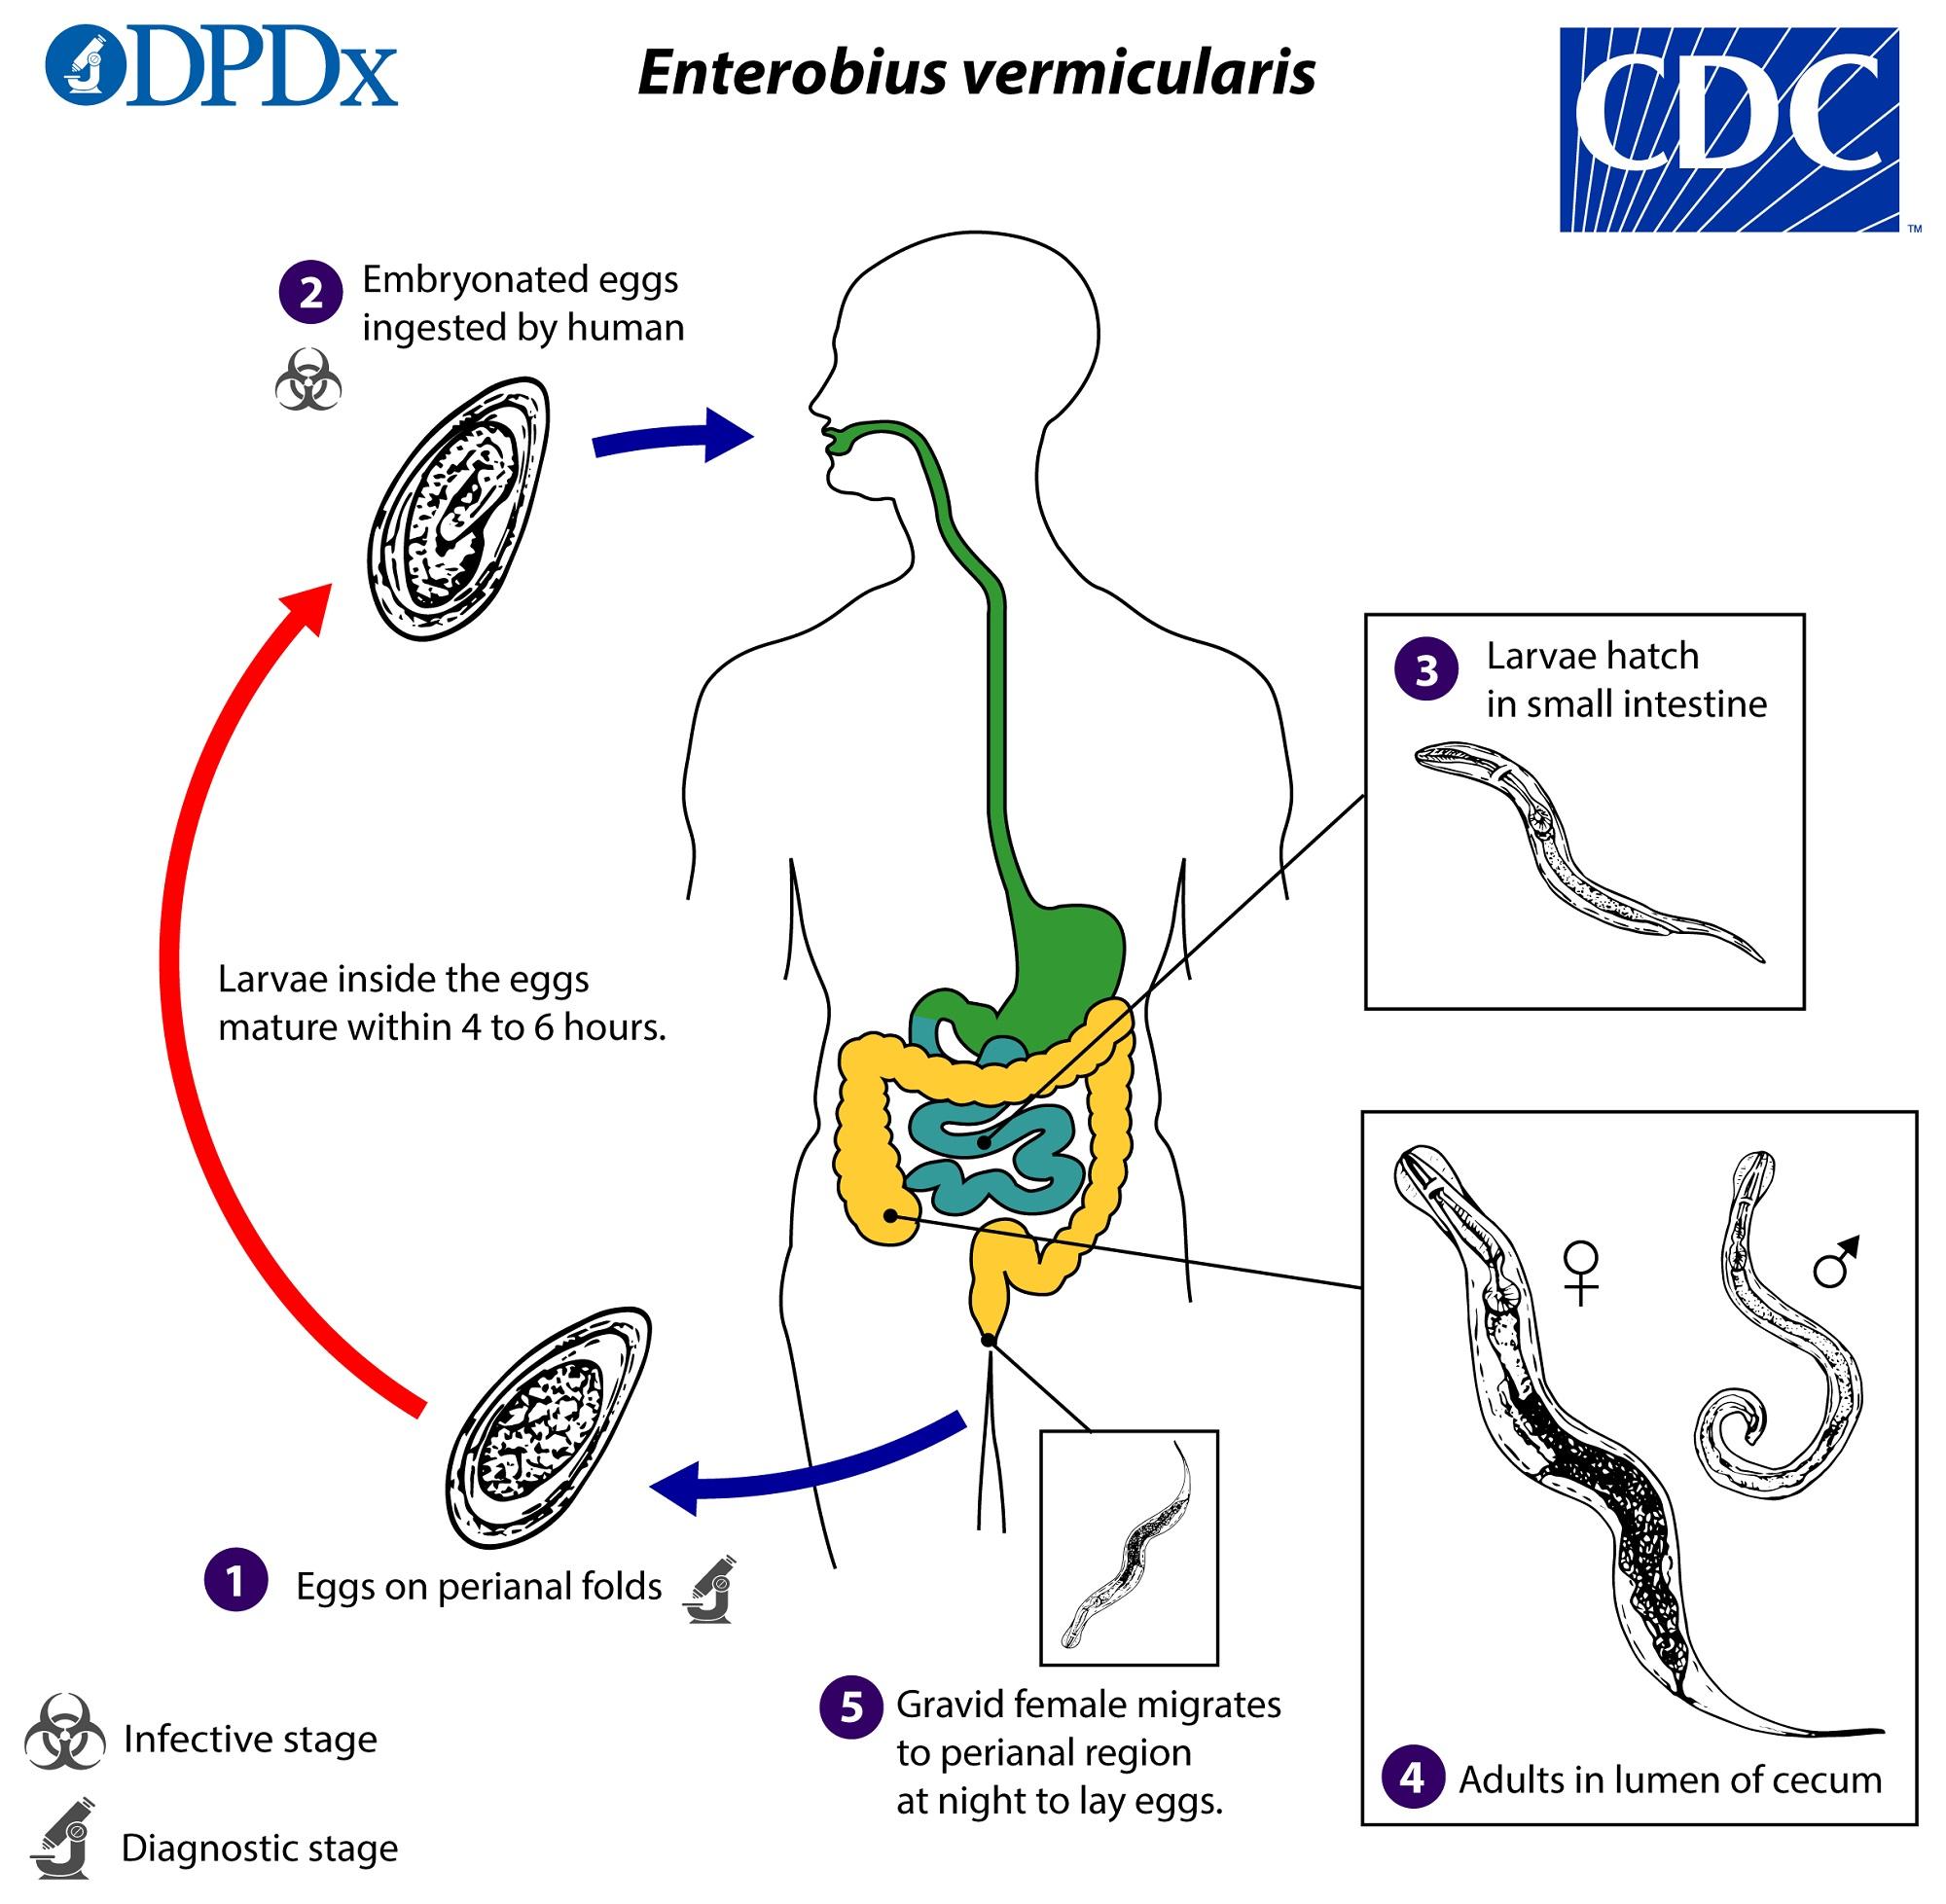 enterobius vermicularis terhesség alatt hpv genitális szemölcsök reddit